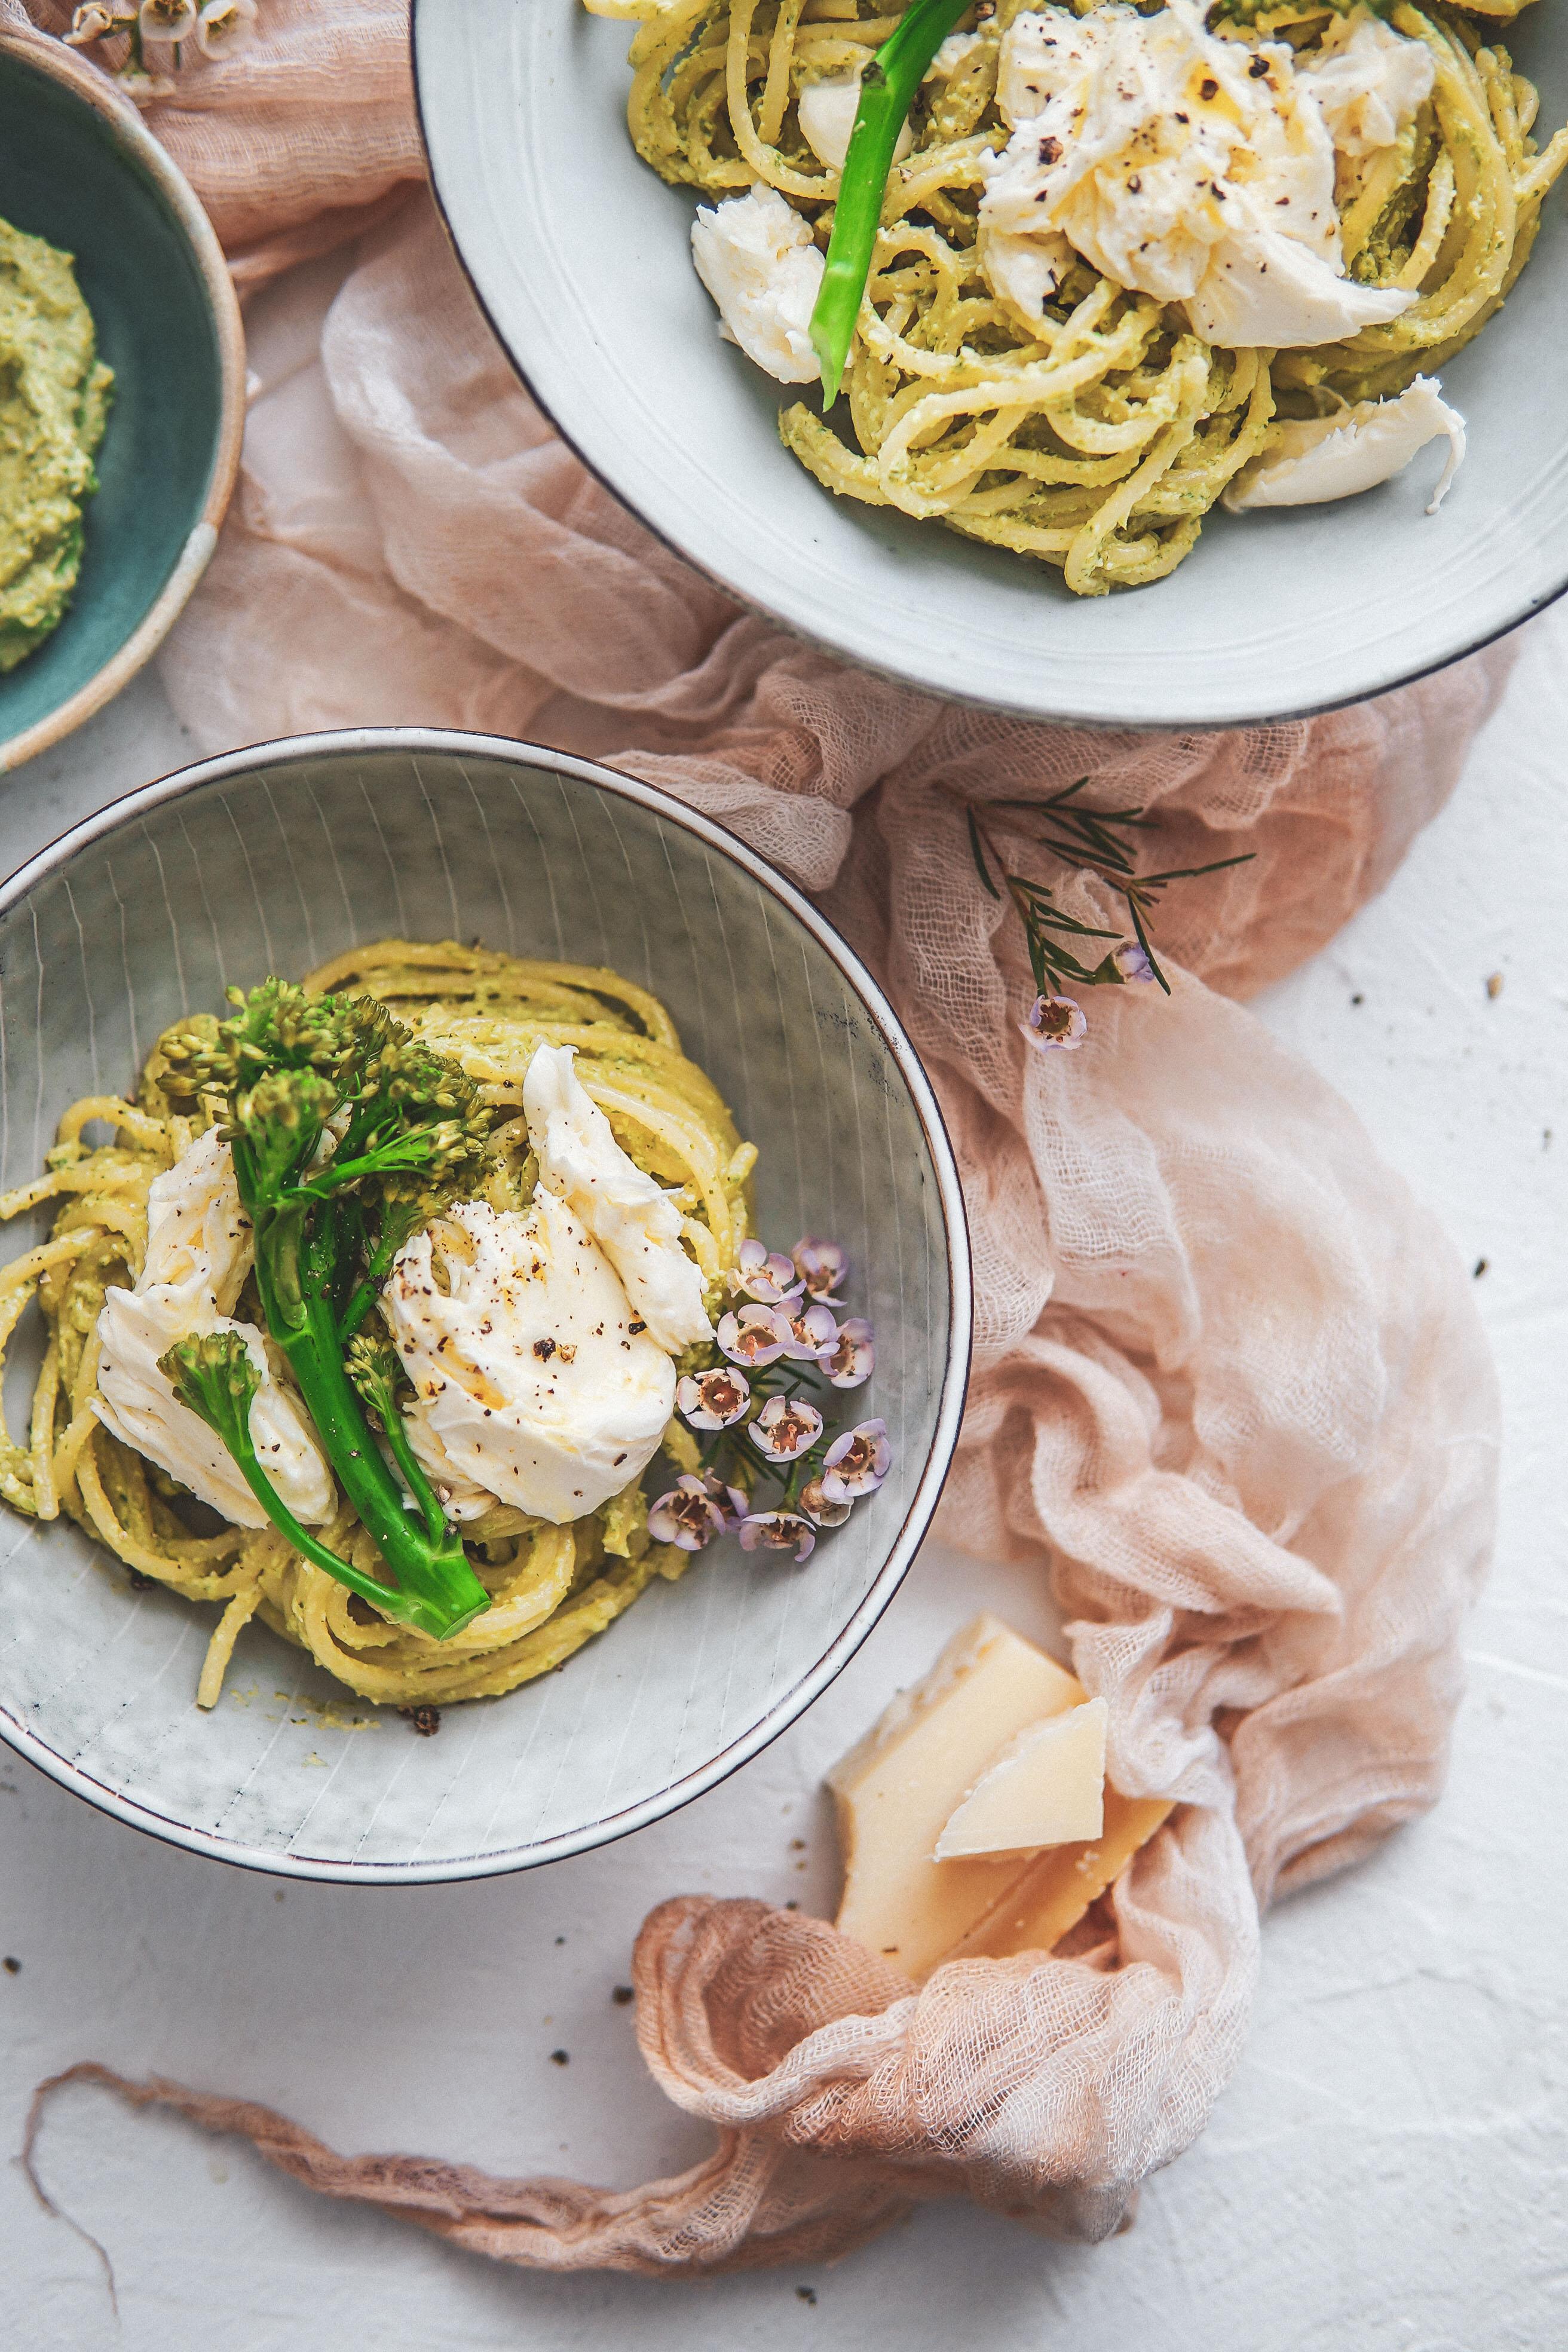 broccoli pesto pasta cestoviny s brokolicovym pestom photography